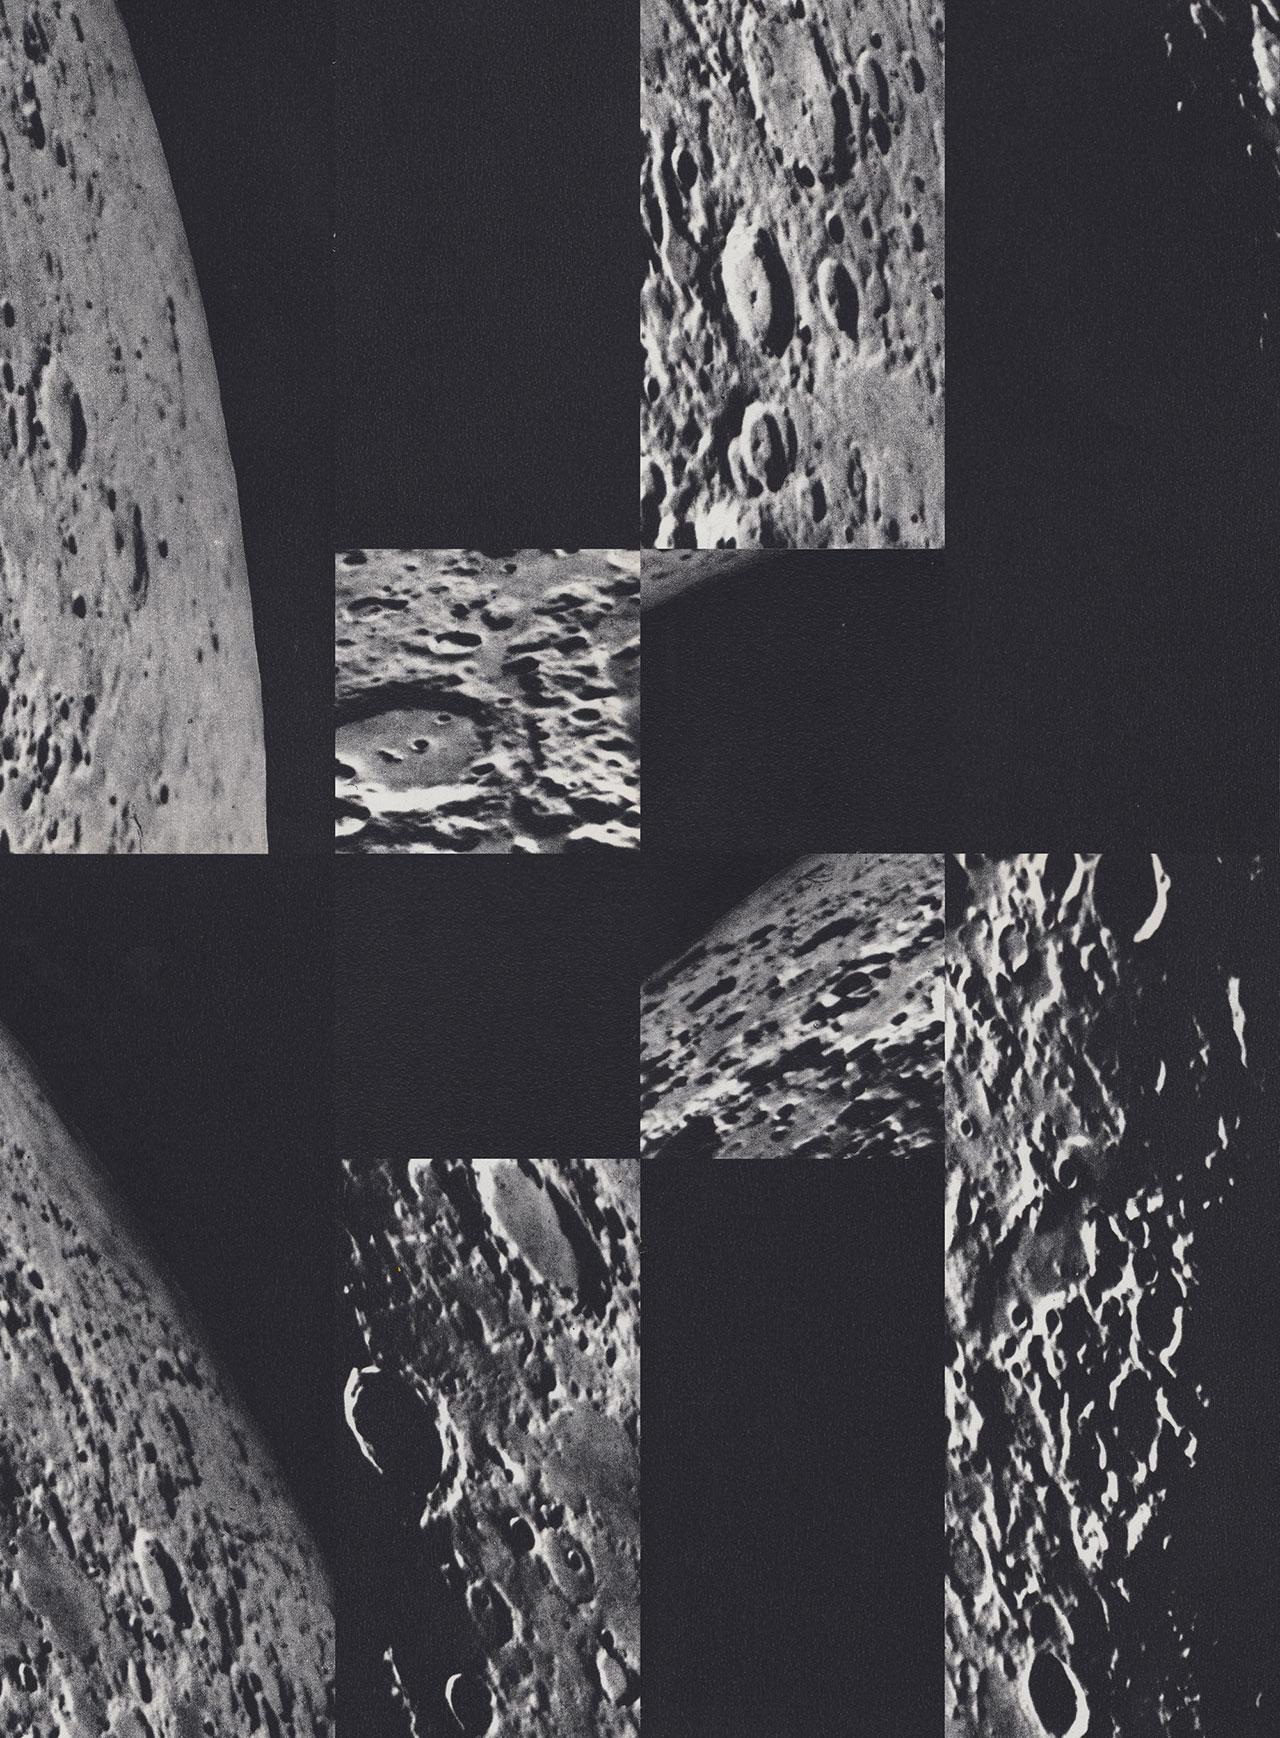 Moons series Sense 35x50cm © Luis Dourado.